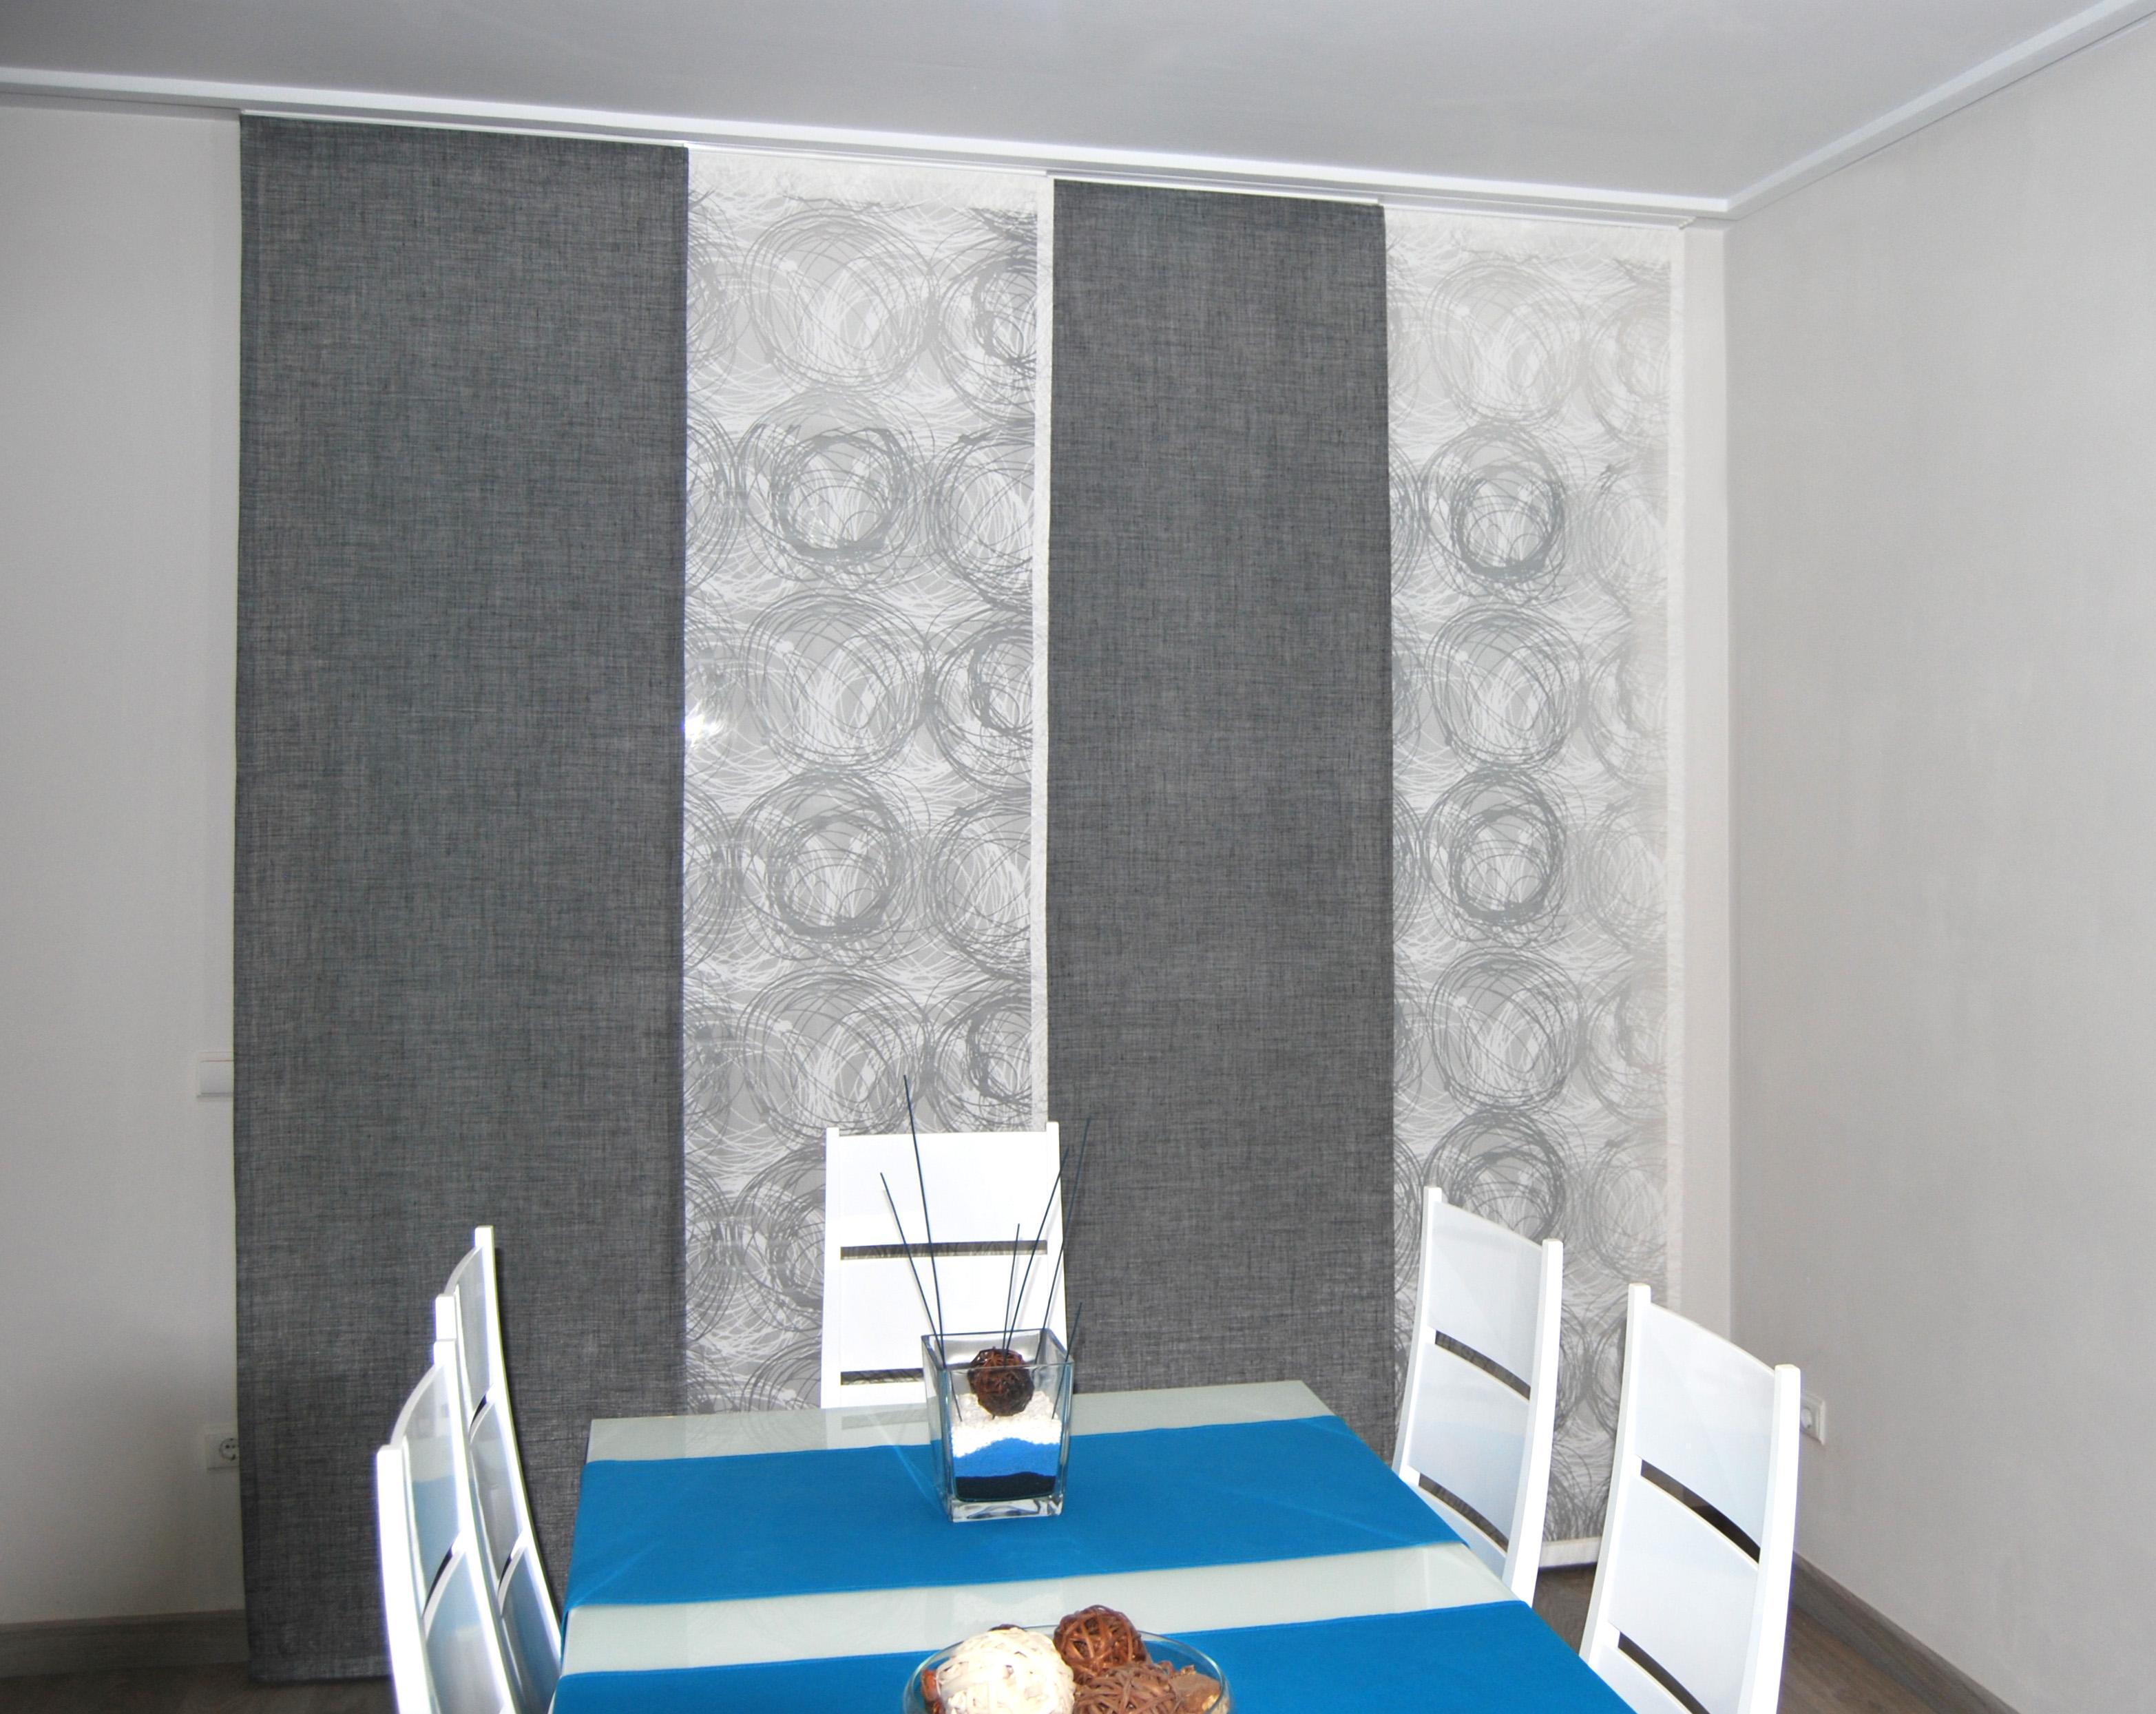 Paneles japoneses de otros tejidos la dama decoraci n for Telas para paneles japoneses